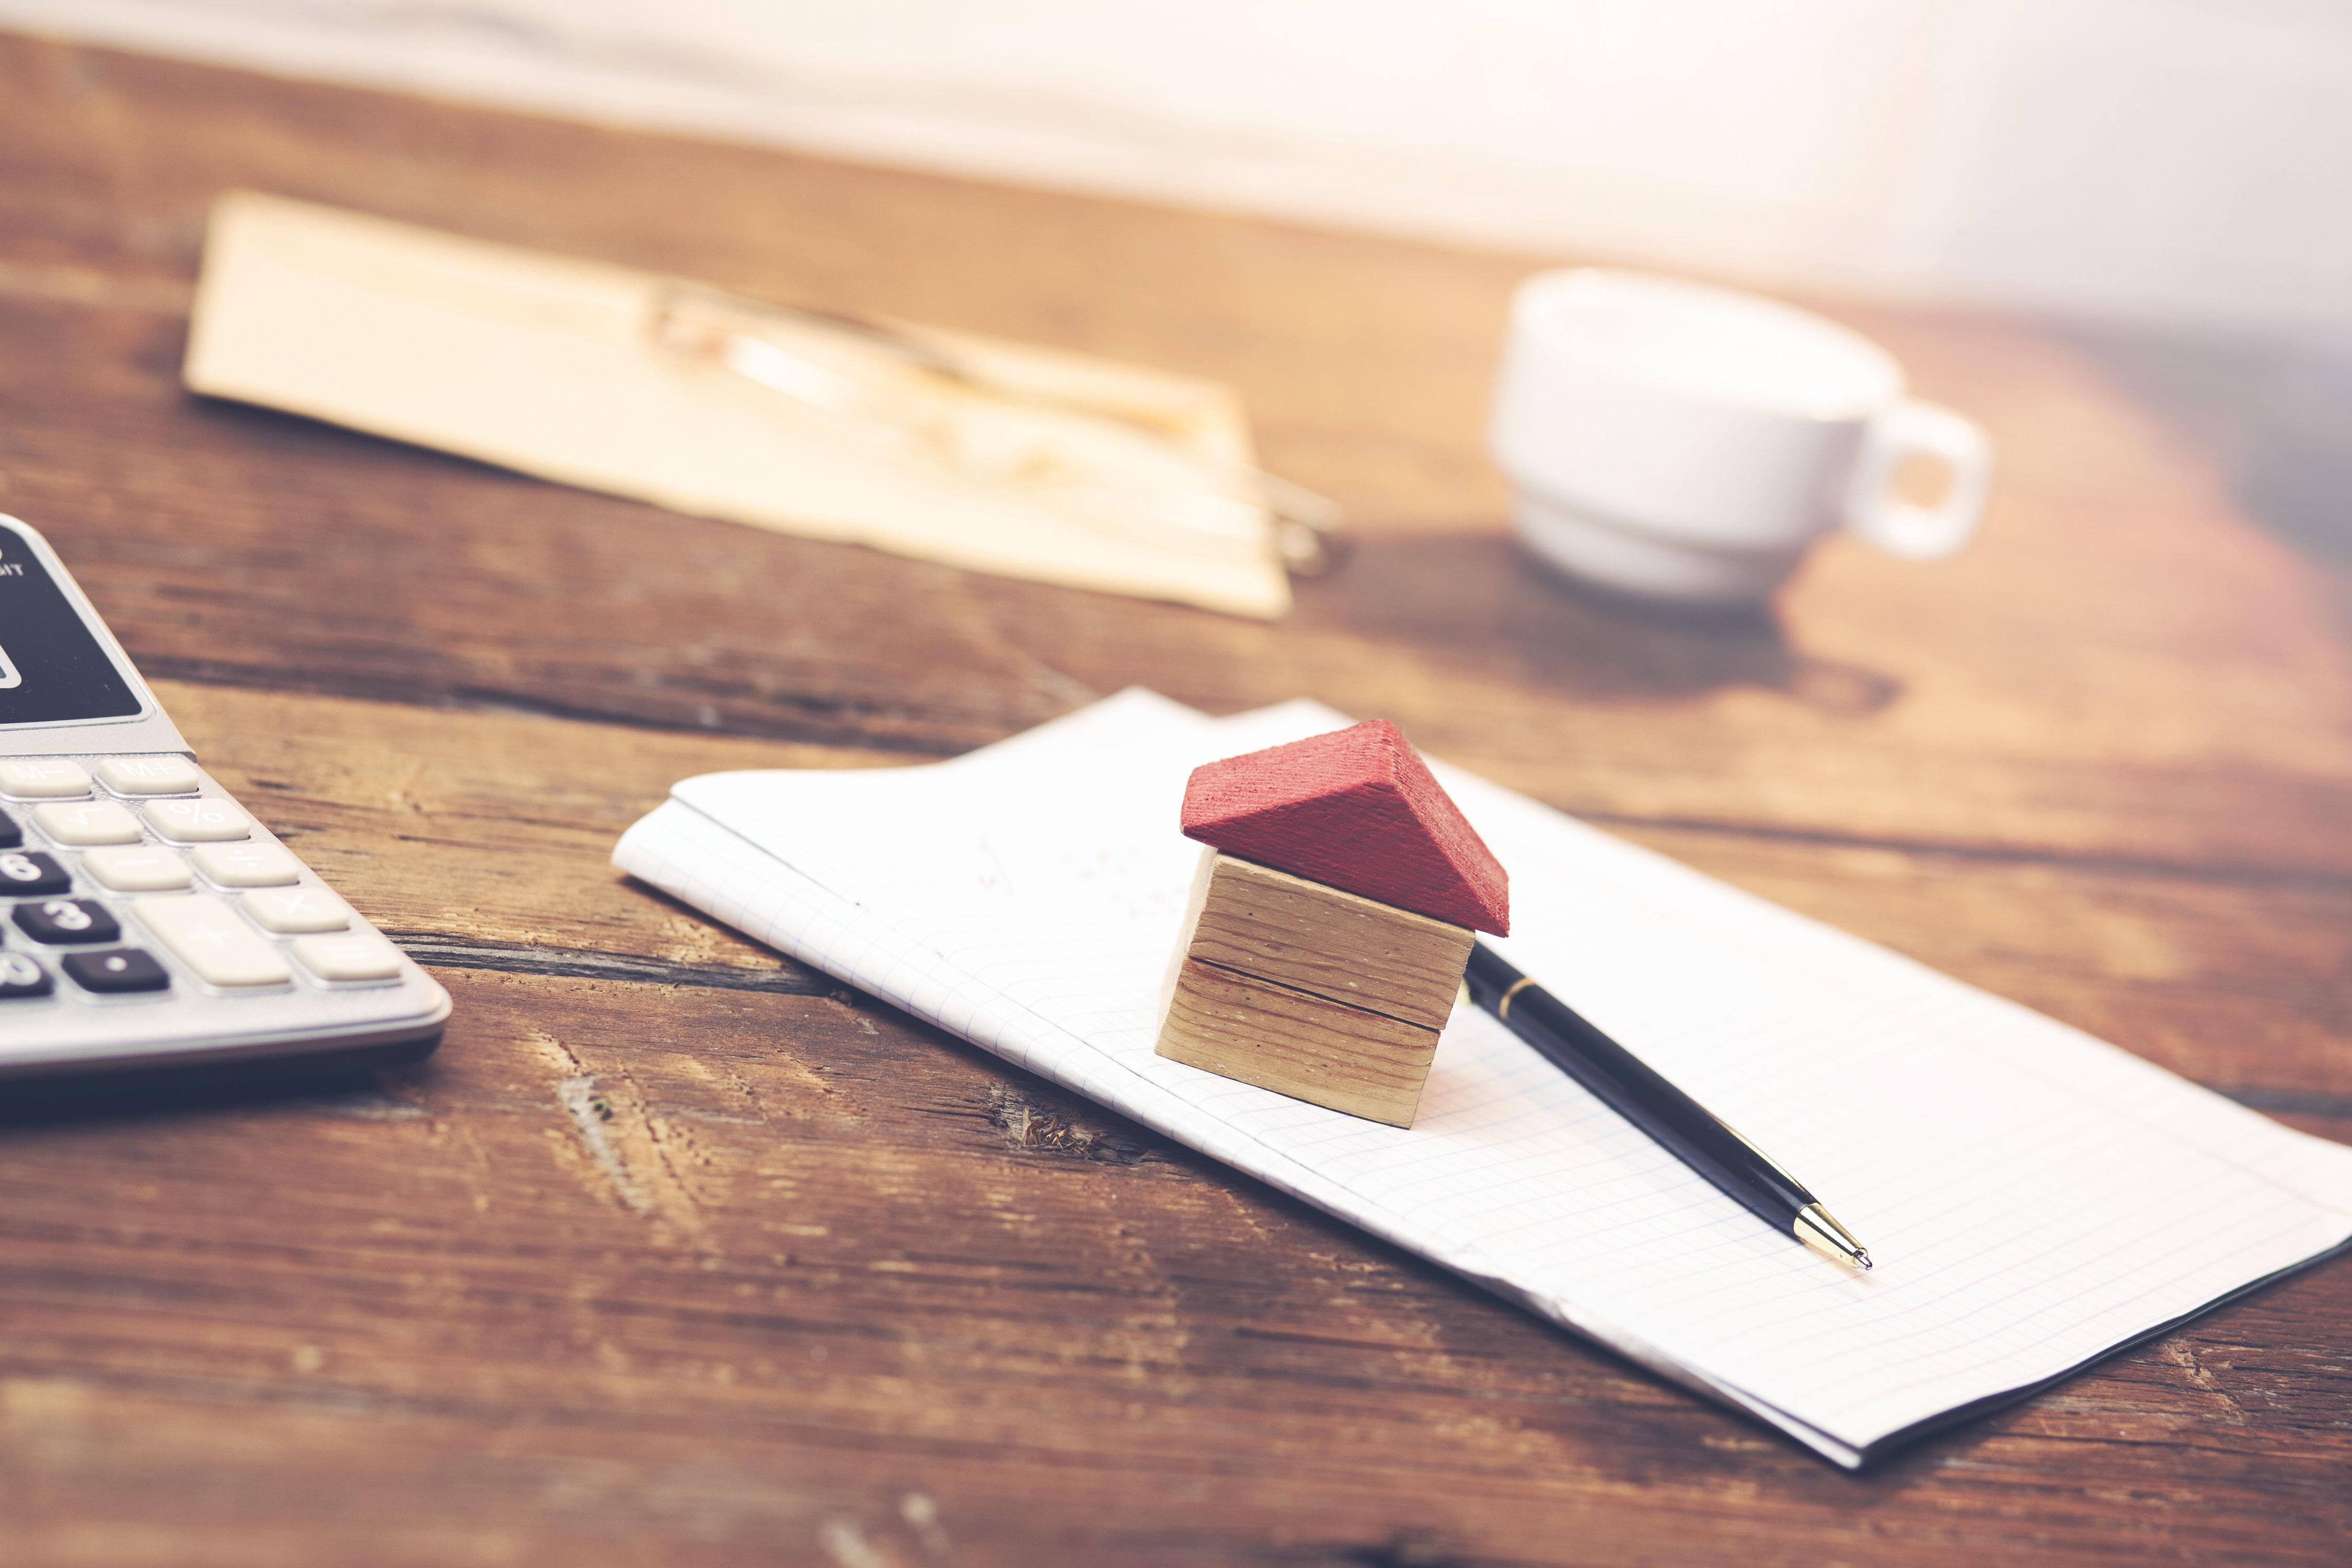 Haus aus Holzblöcken auf Notizblock auf Holztisch